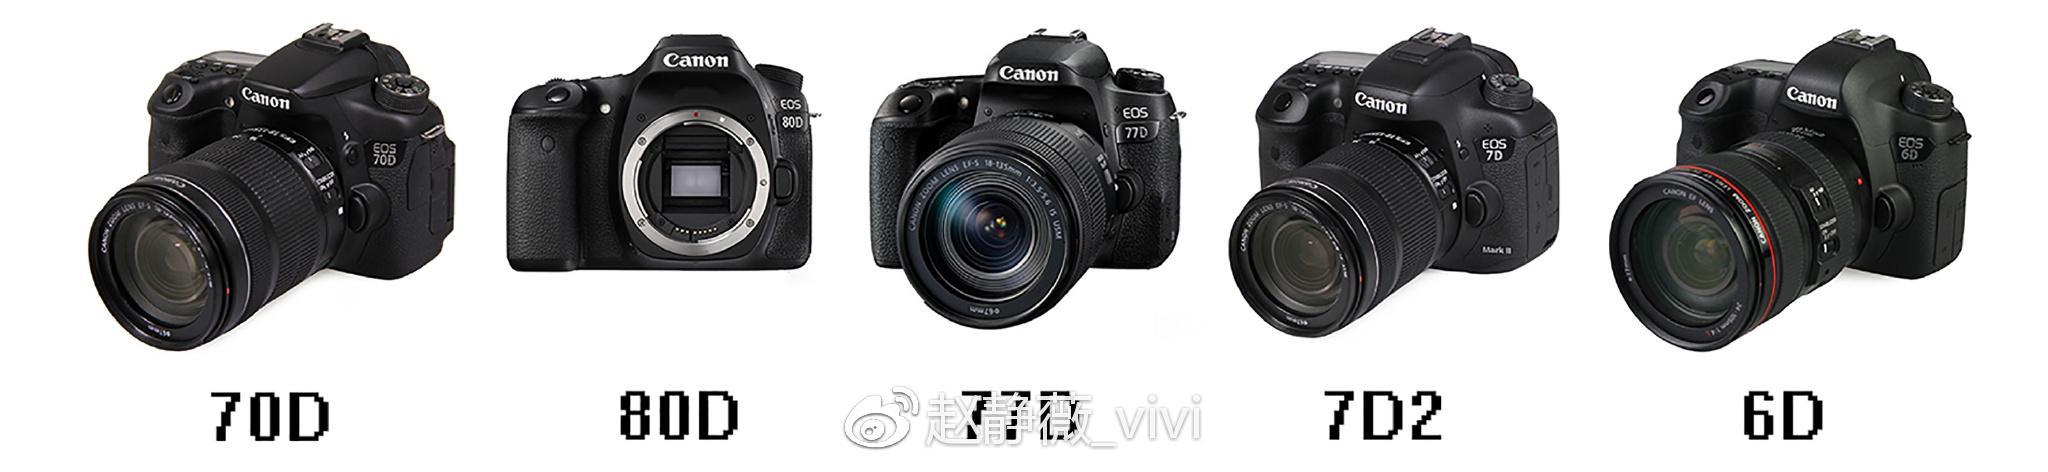 別人再問你買什麼相機好?就把這篇文章發給他 - 每日頭條